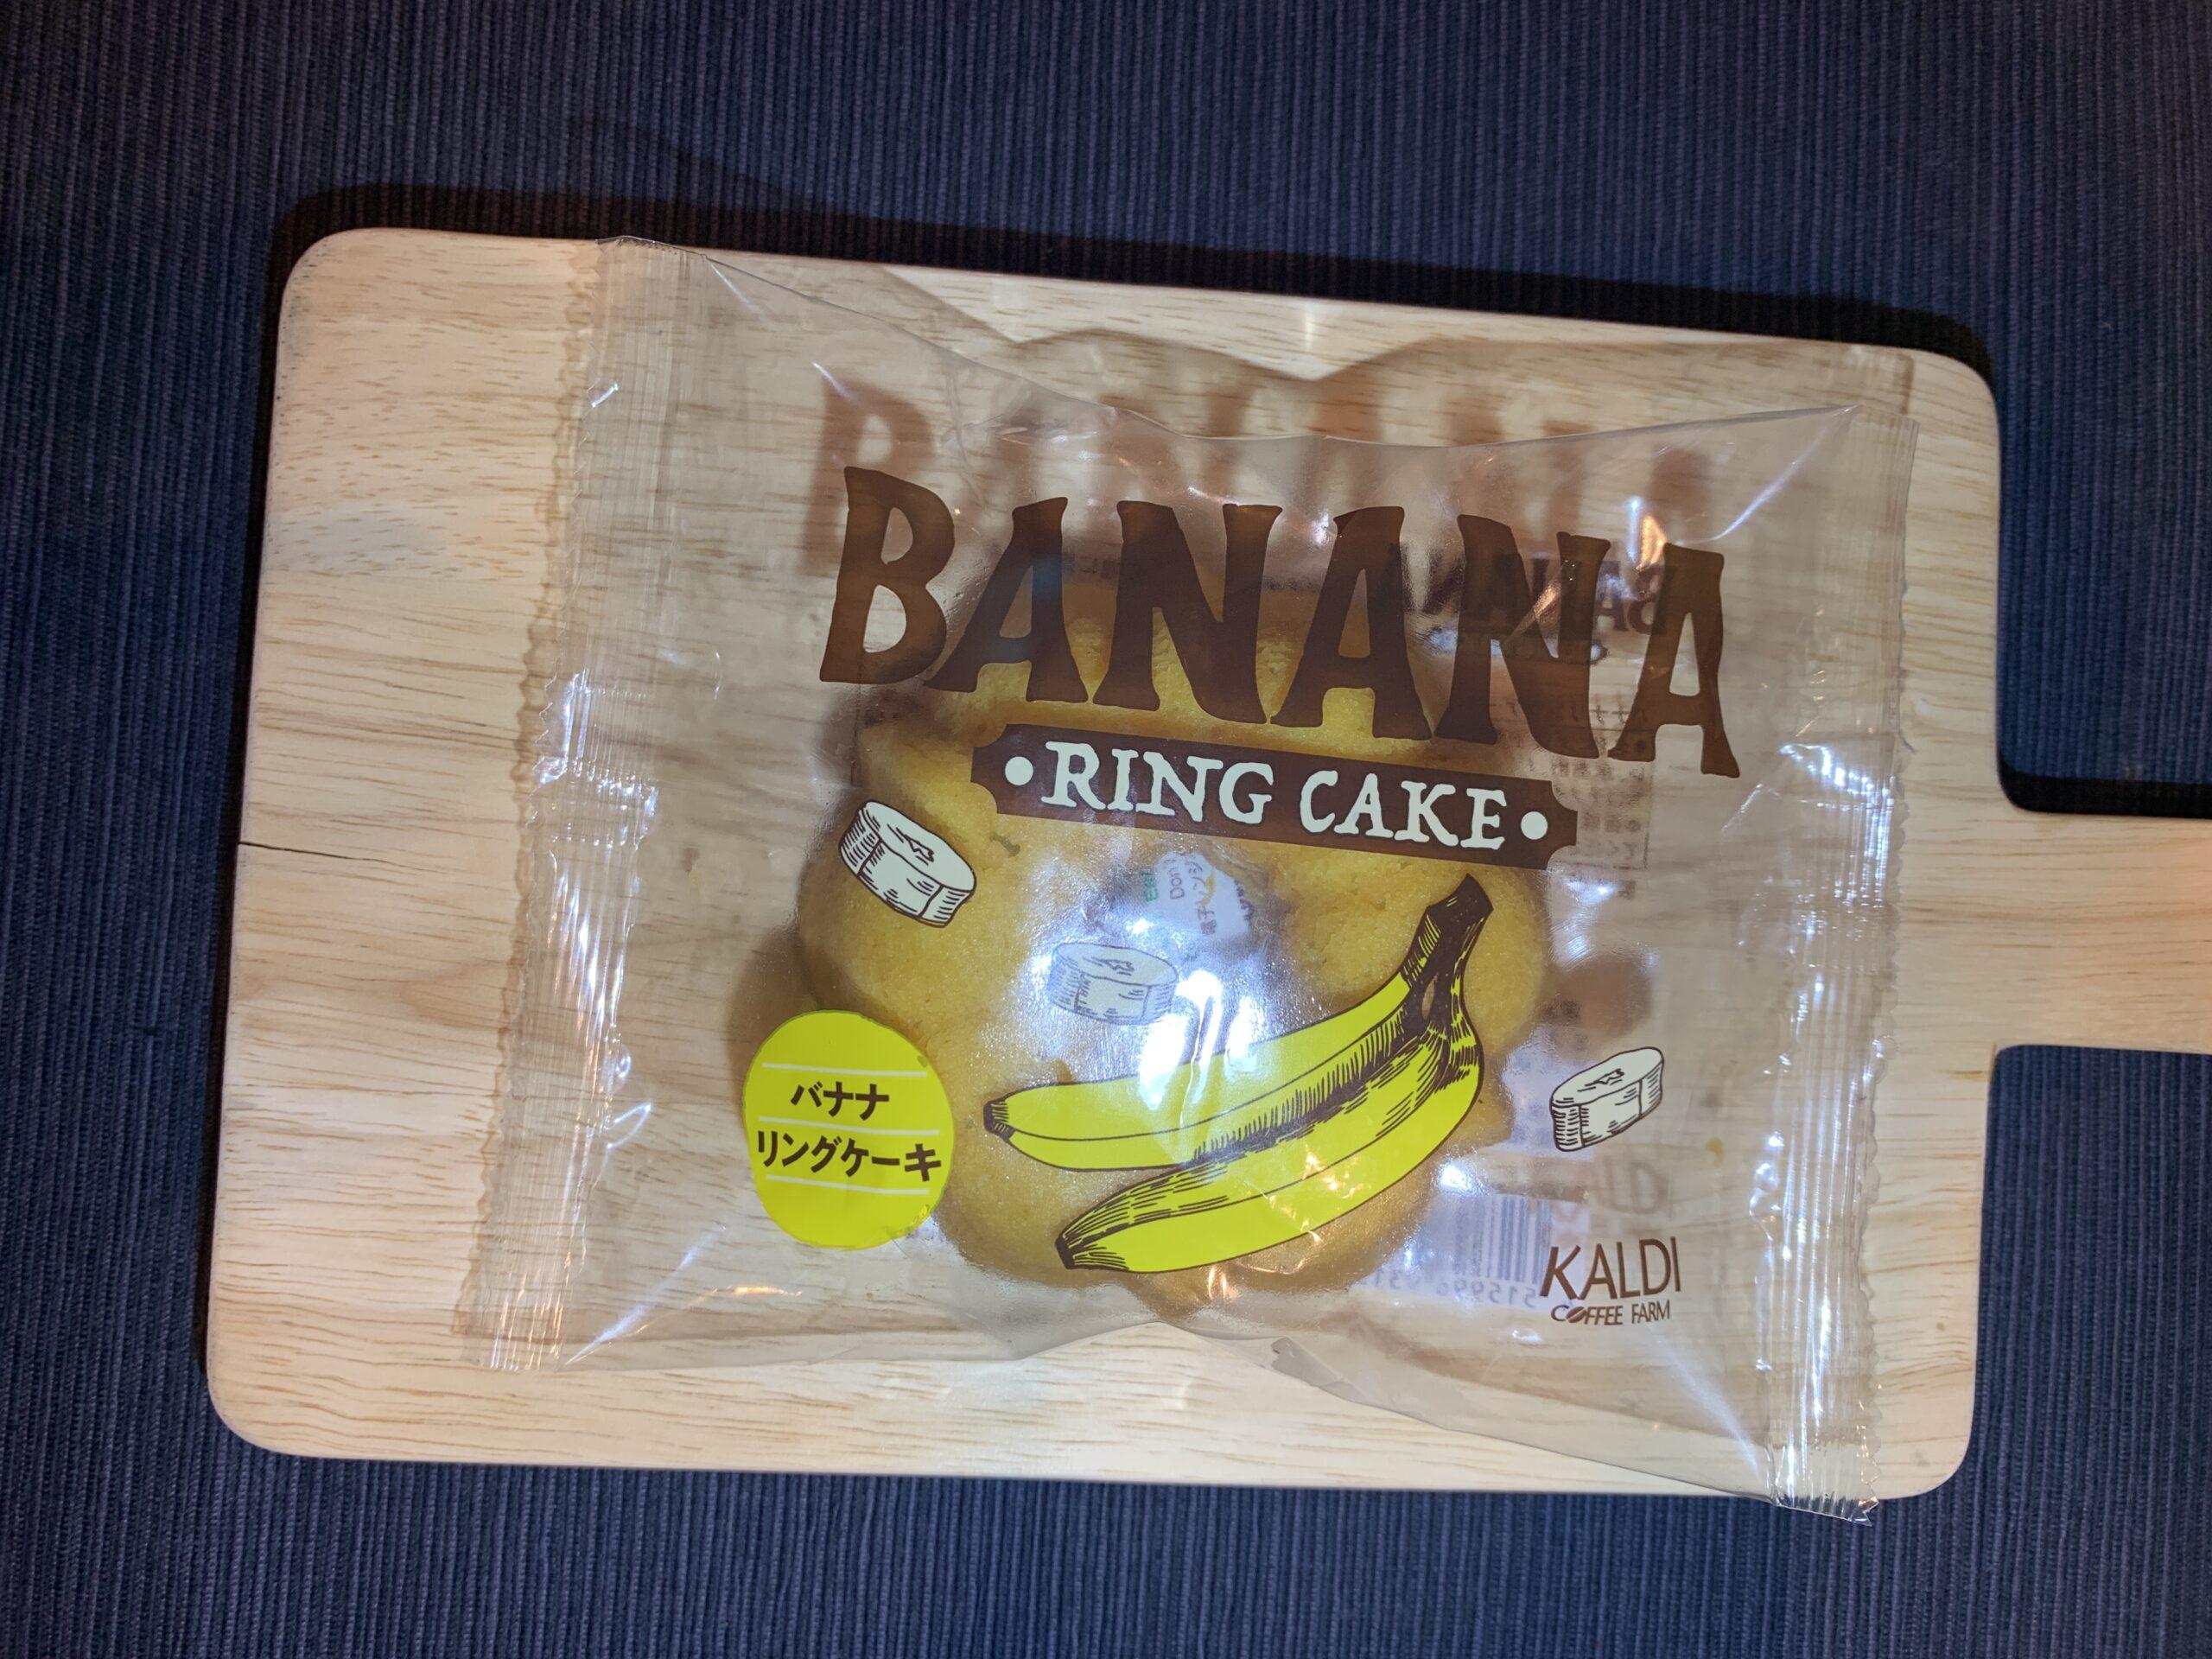 カルディ:バナナリングケーキの値段やカロリー美味しかった実食レビュー